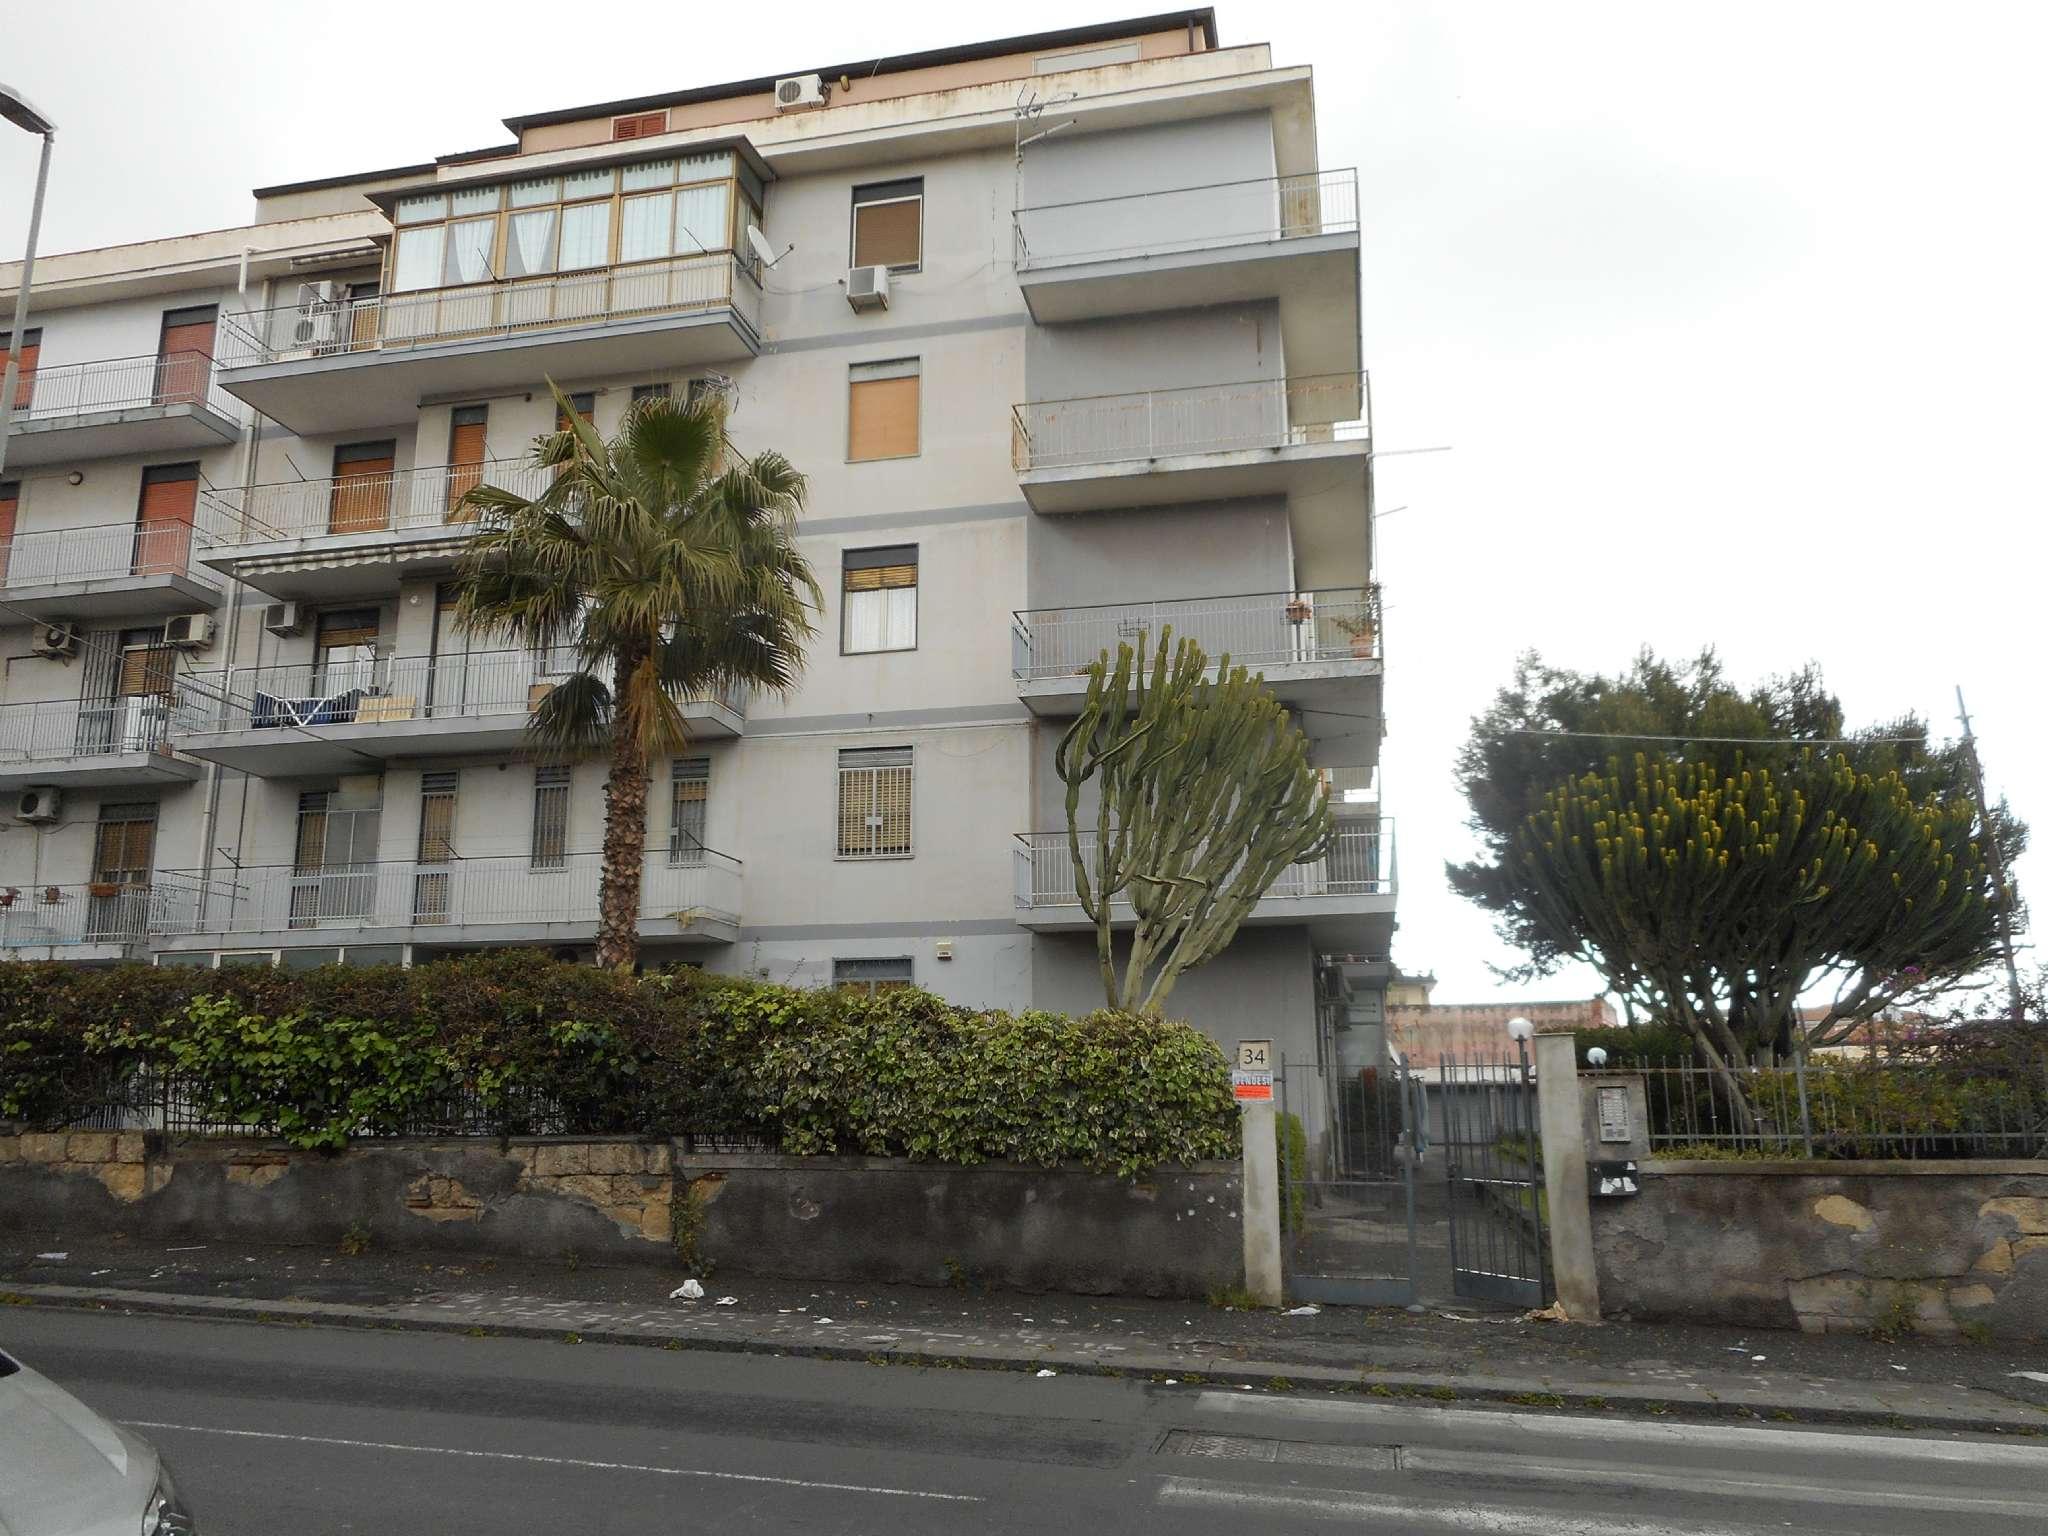 Appartamento in vendita a Catania, 3 locali, prezzo € 100.000   CambioCasa.it